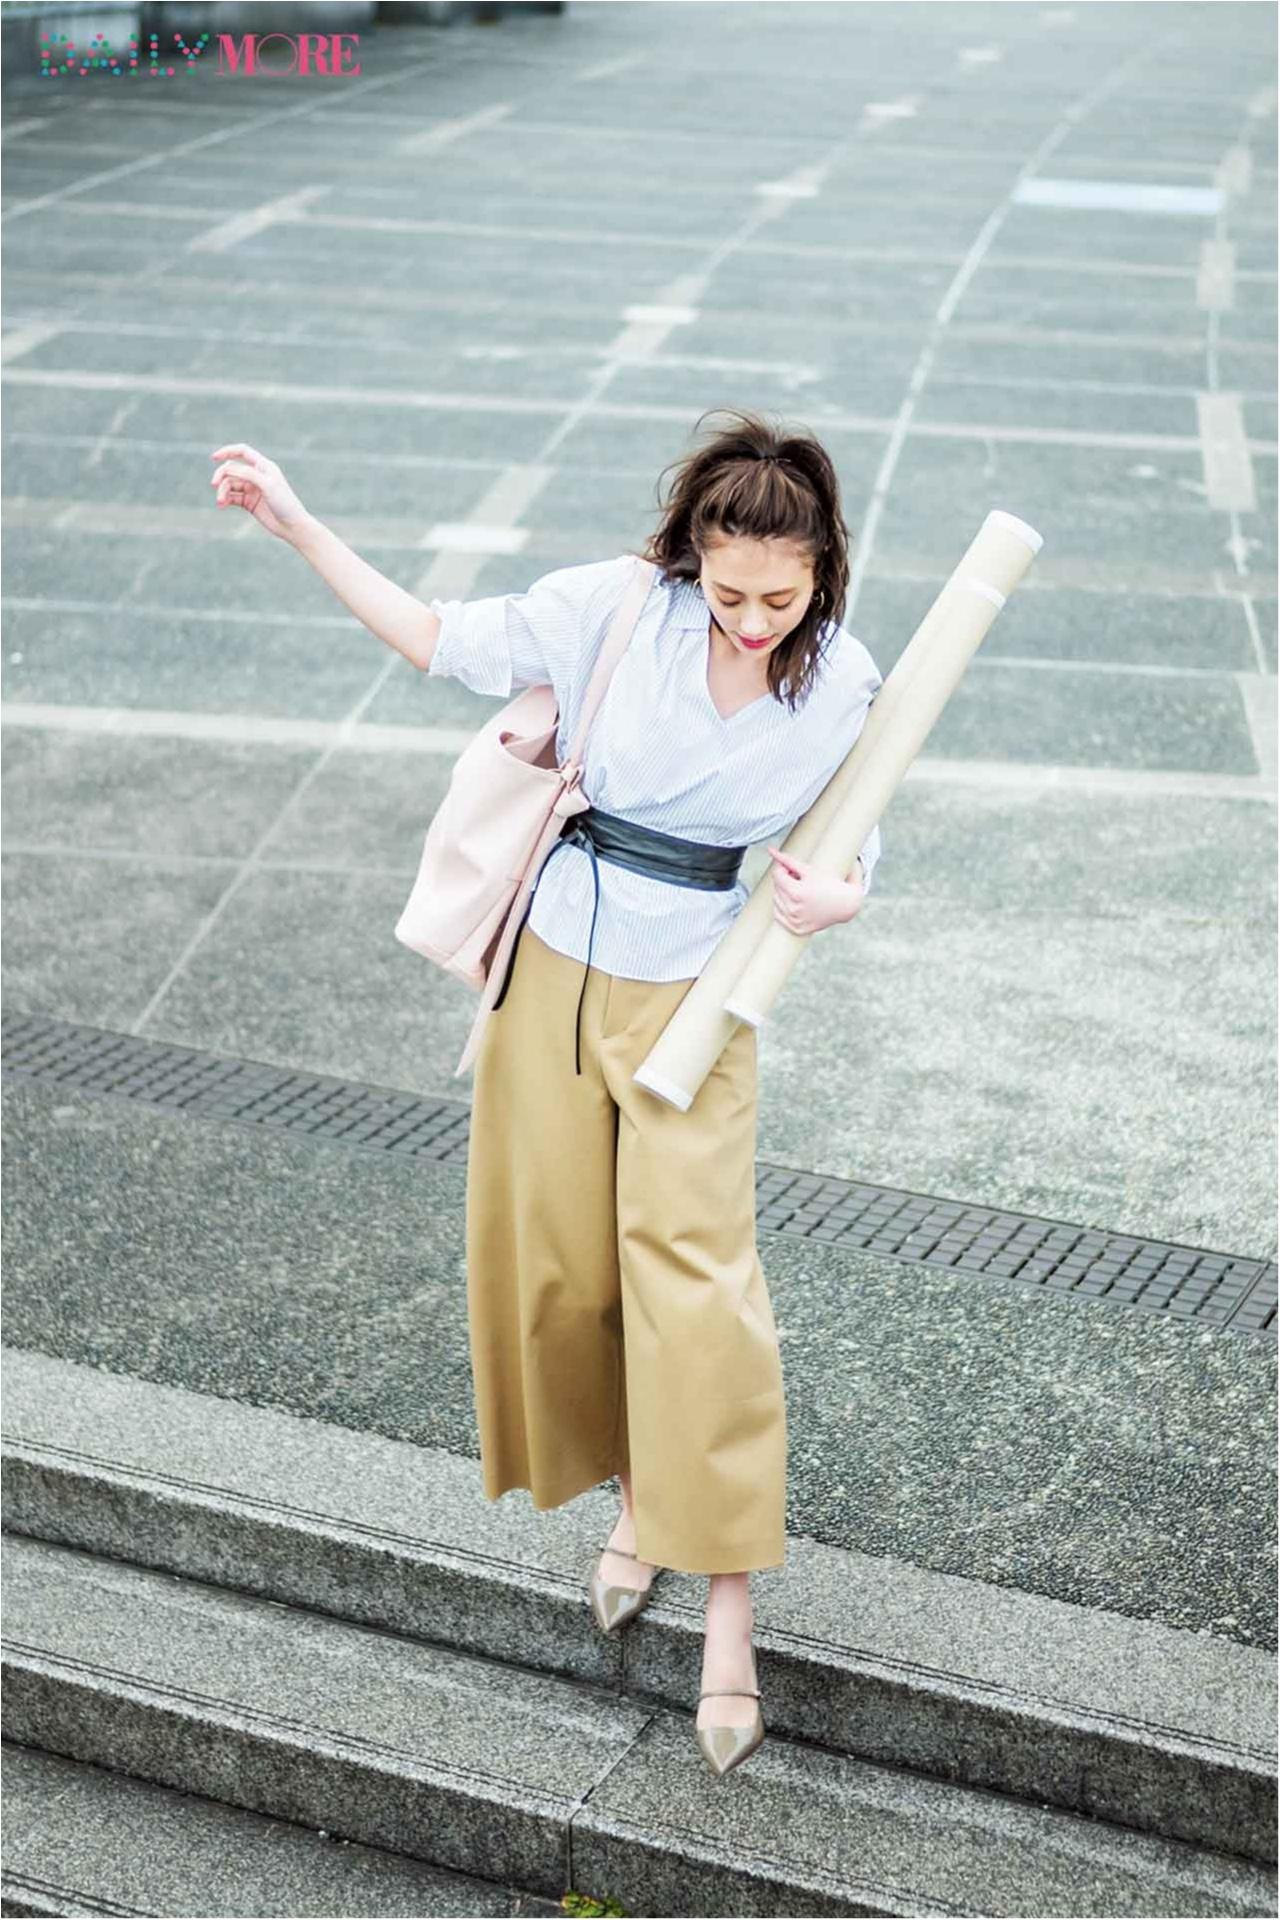 【今日のコーデ/土屋巴瑞季】仕事を頑張る日のパンツスタイルは、ストライプシャツ×ベルトできりり!_1